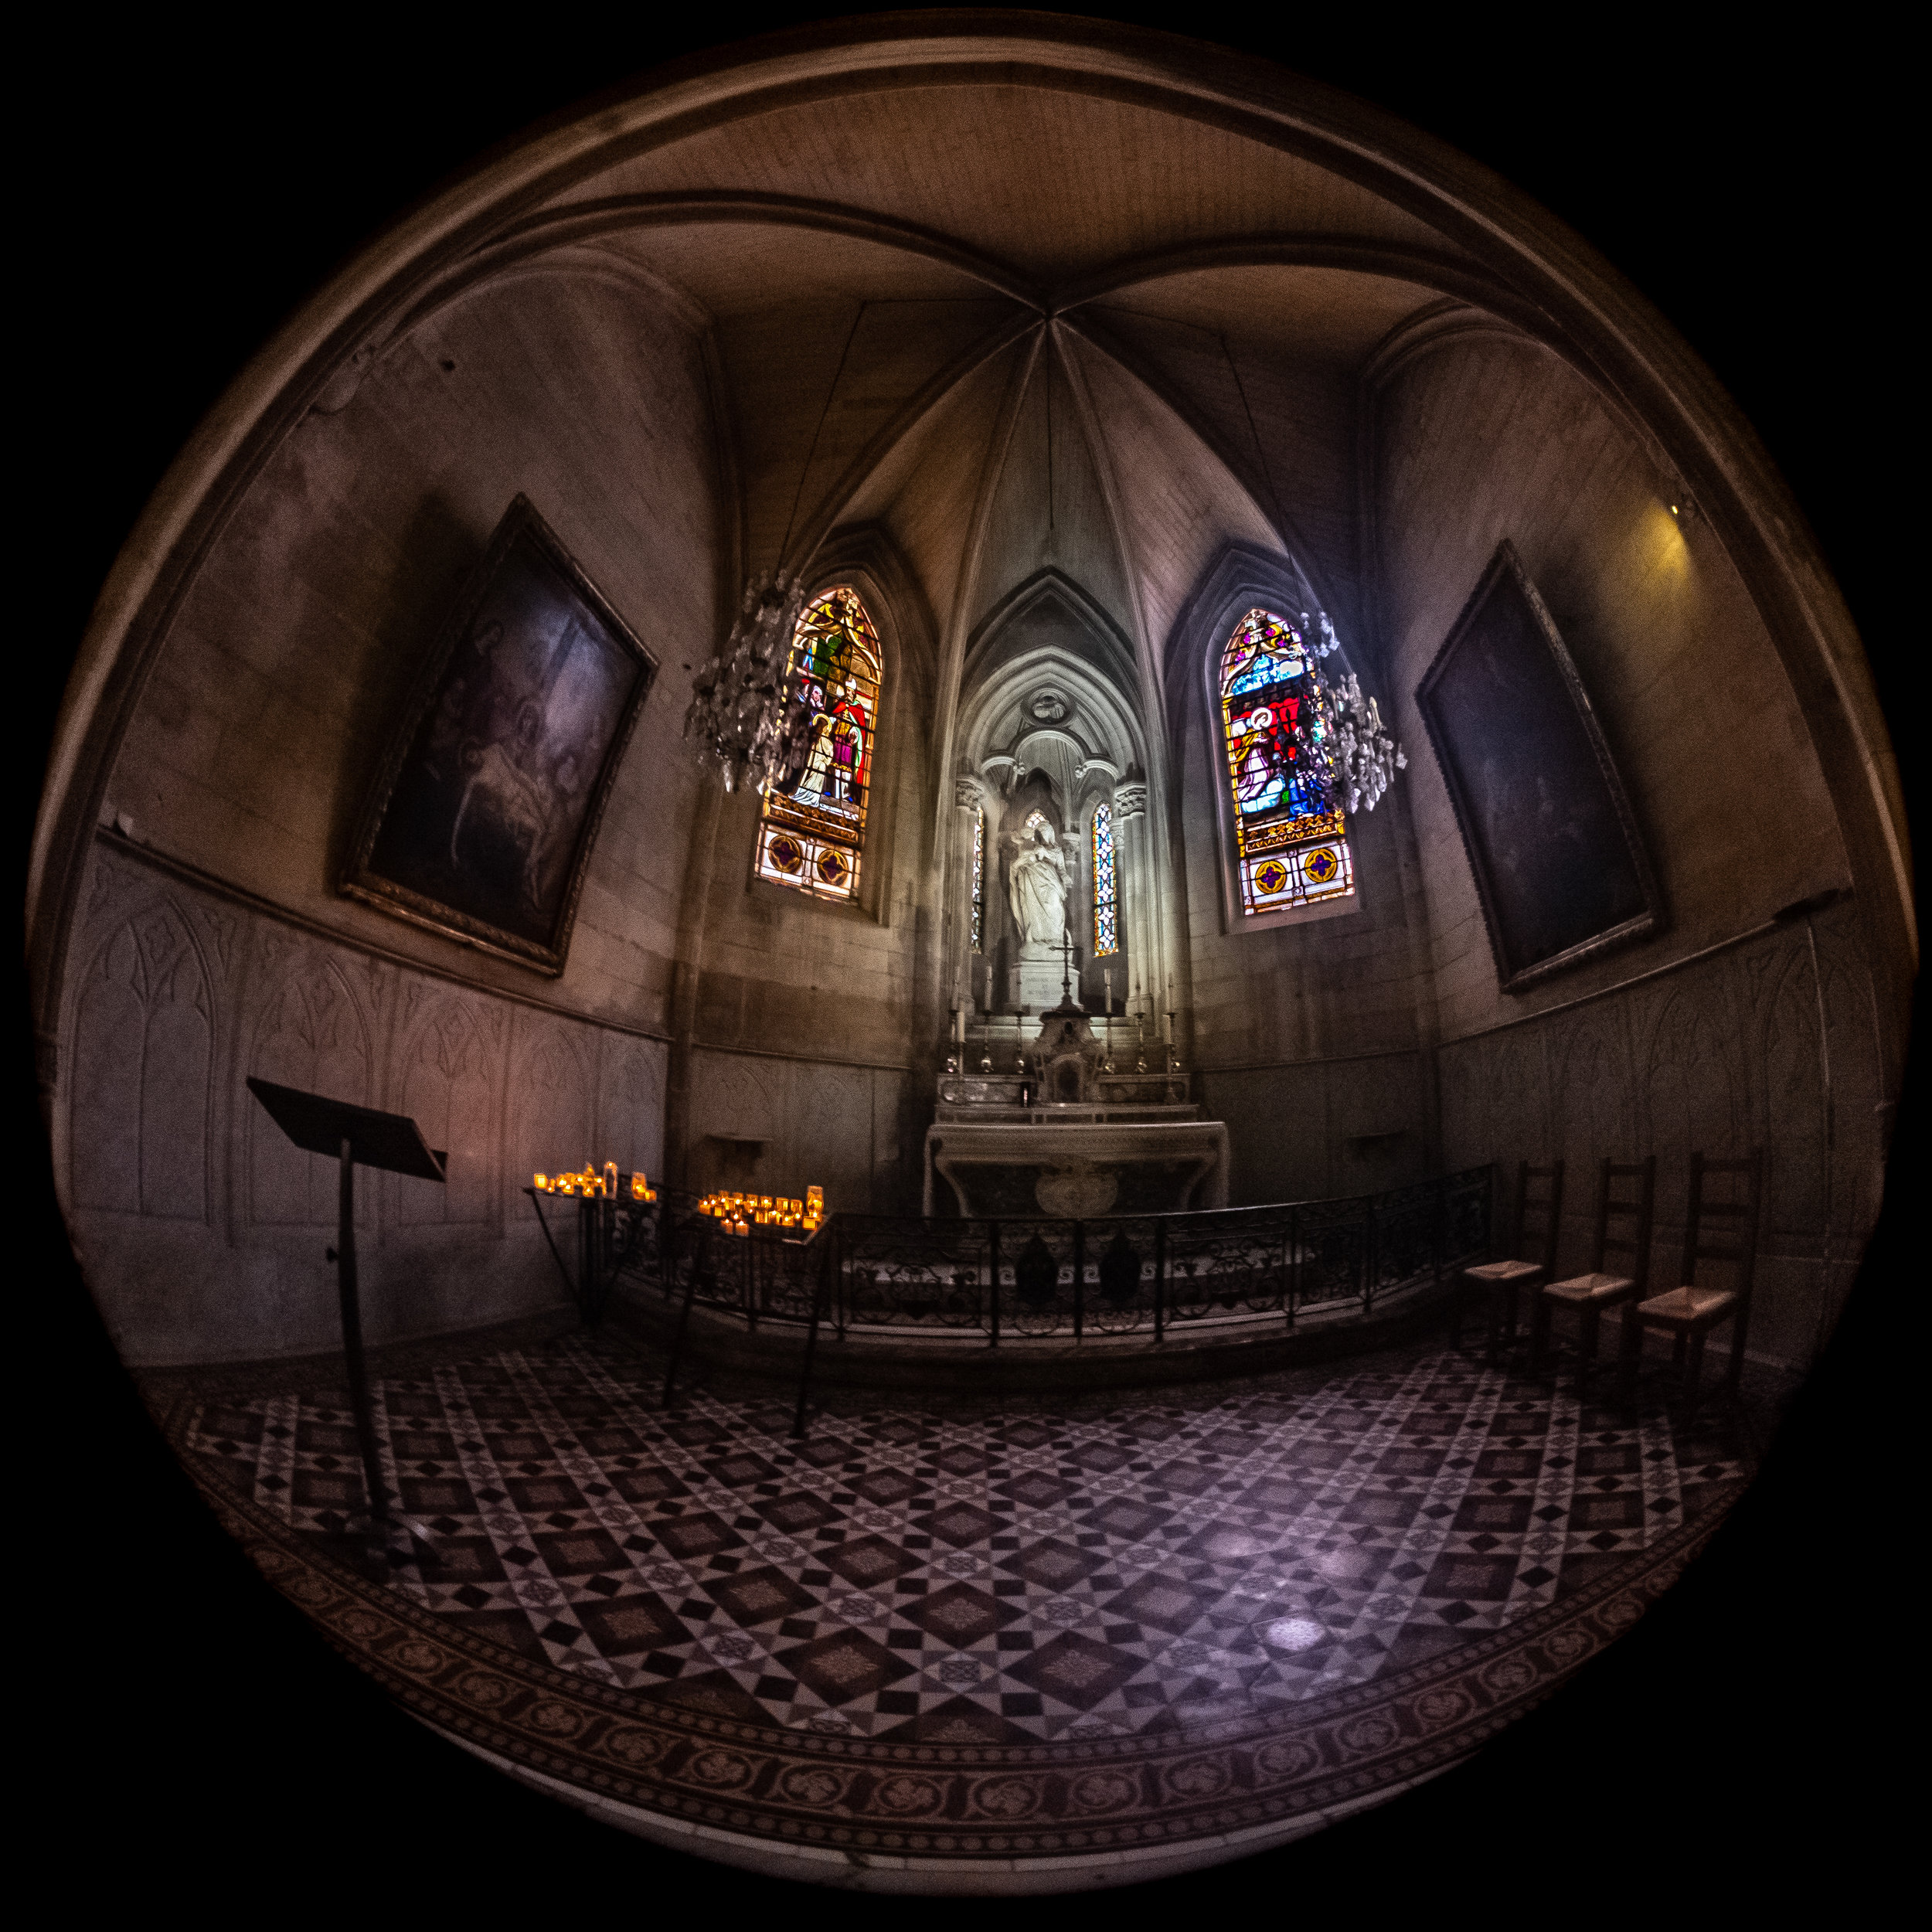 Église Saint-Trophime, Arles, France